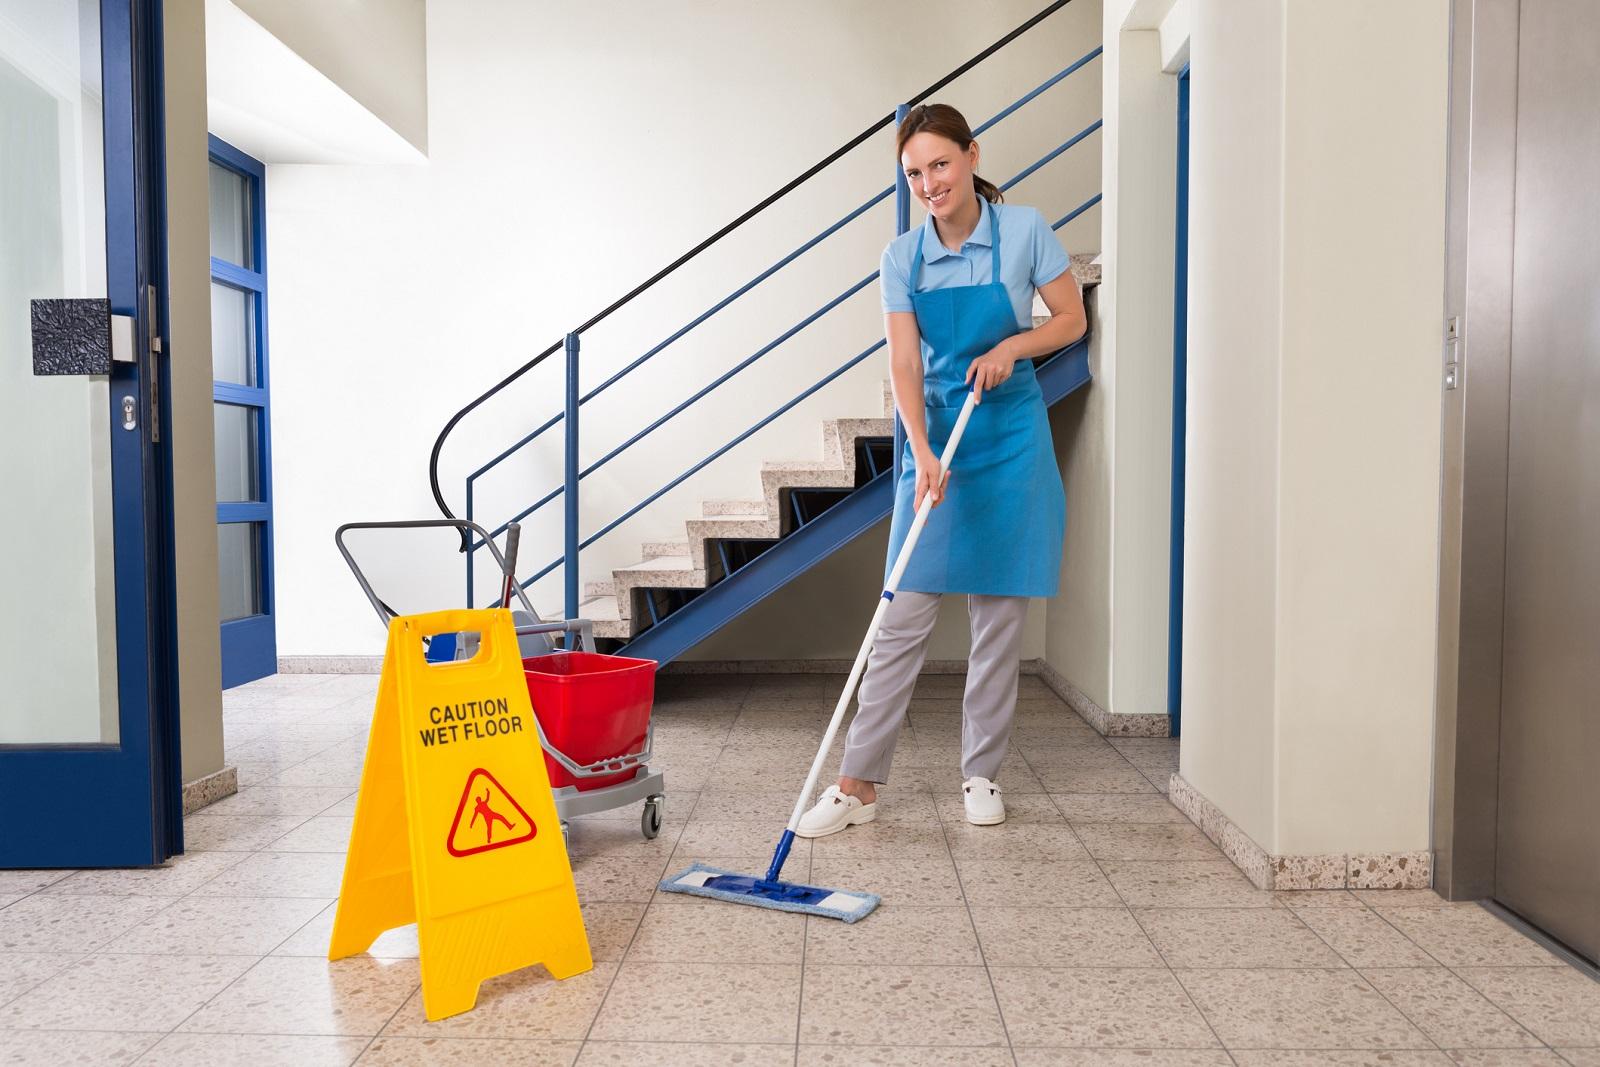 Jak utrzymać klatkę schodową w czystości?